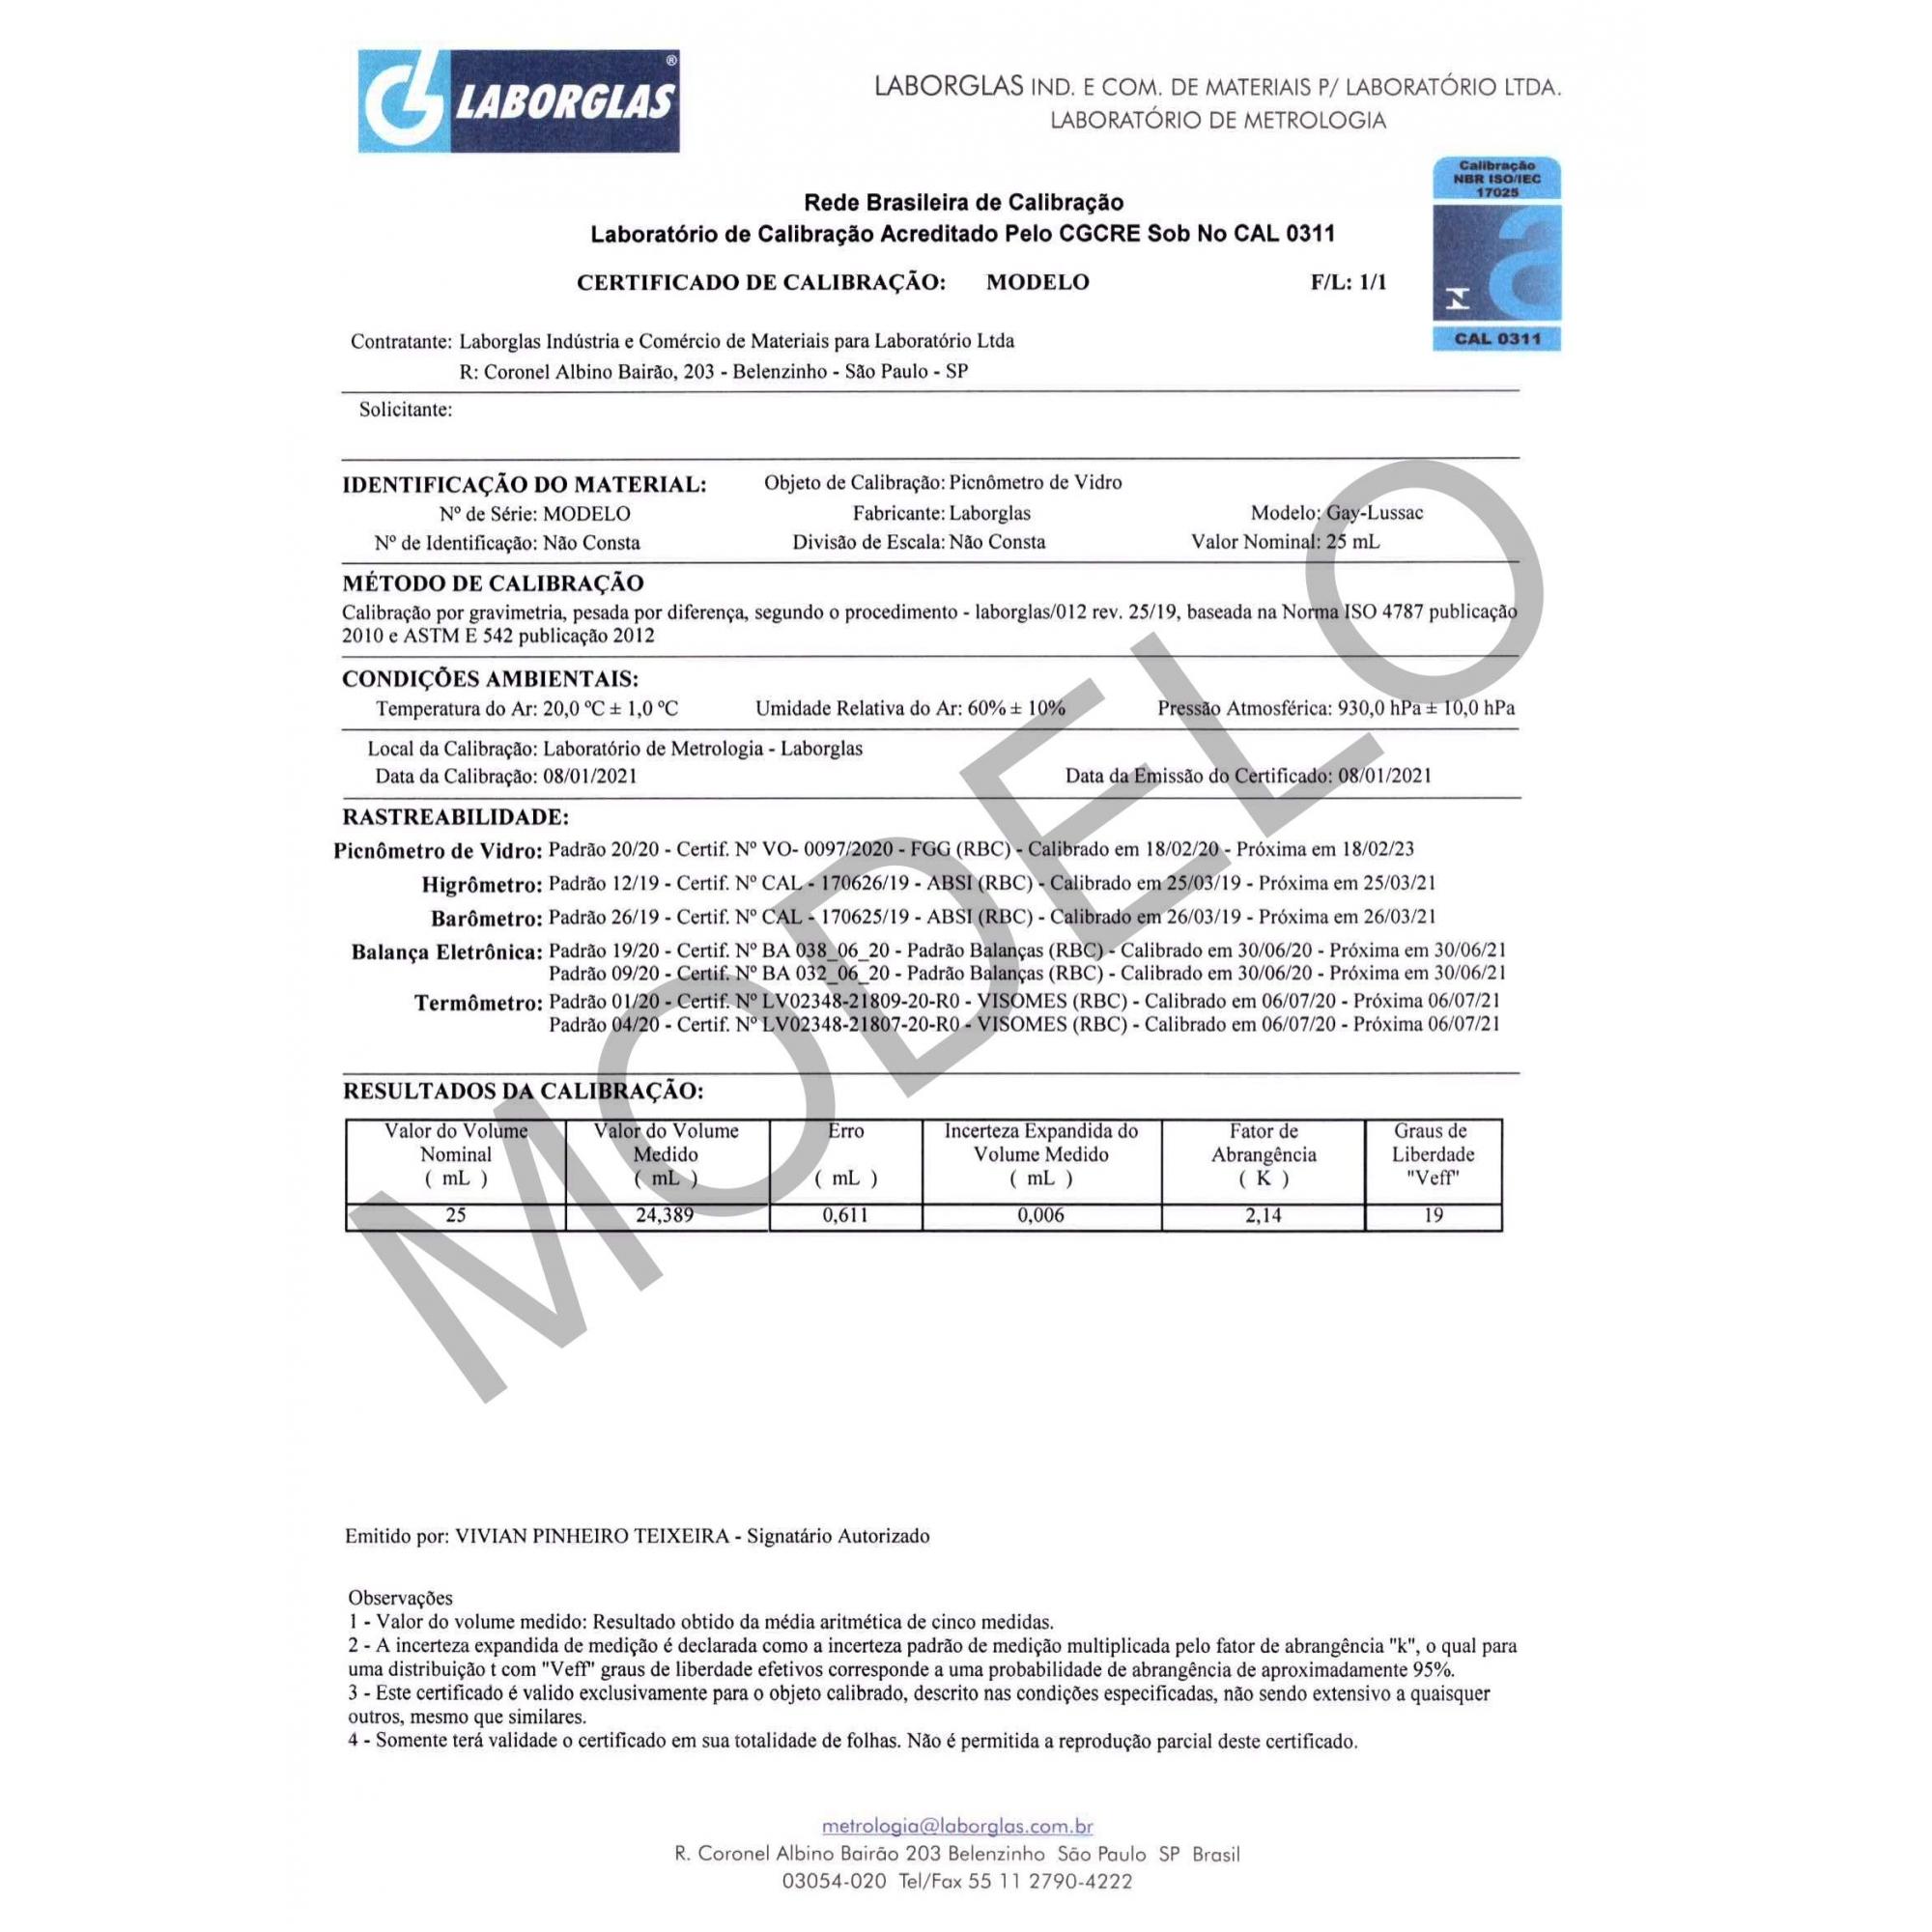 PICNÔMETRO GAY-LUSSAC COM SAÍDA LATERAL COM TERMÔMETRO 100 ML E CERTIFICADO RBC - Laborglas - Cód. 9491224-R